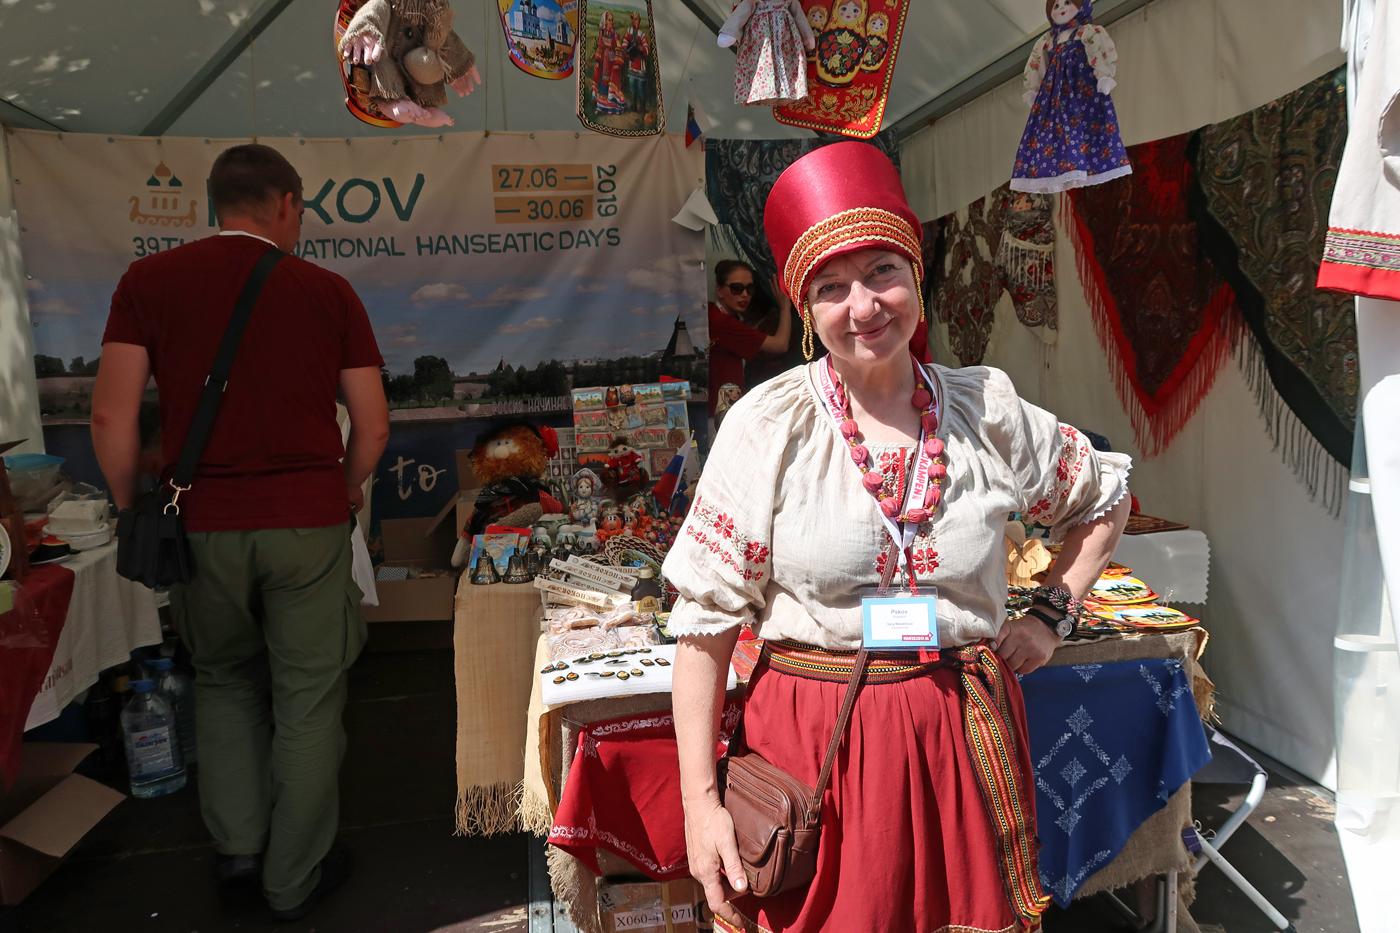 Vom 27.06.2019 bis 30.06.2019 finden die Hansetage in Pskov (Russland) statt.